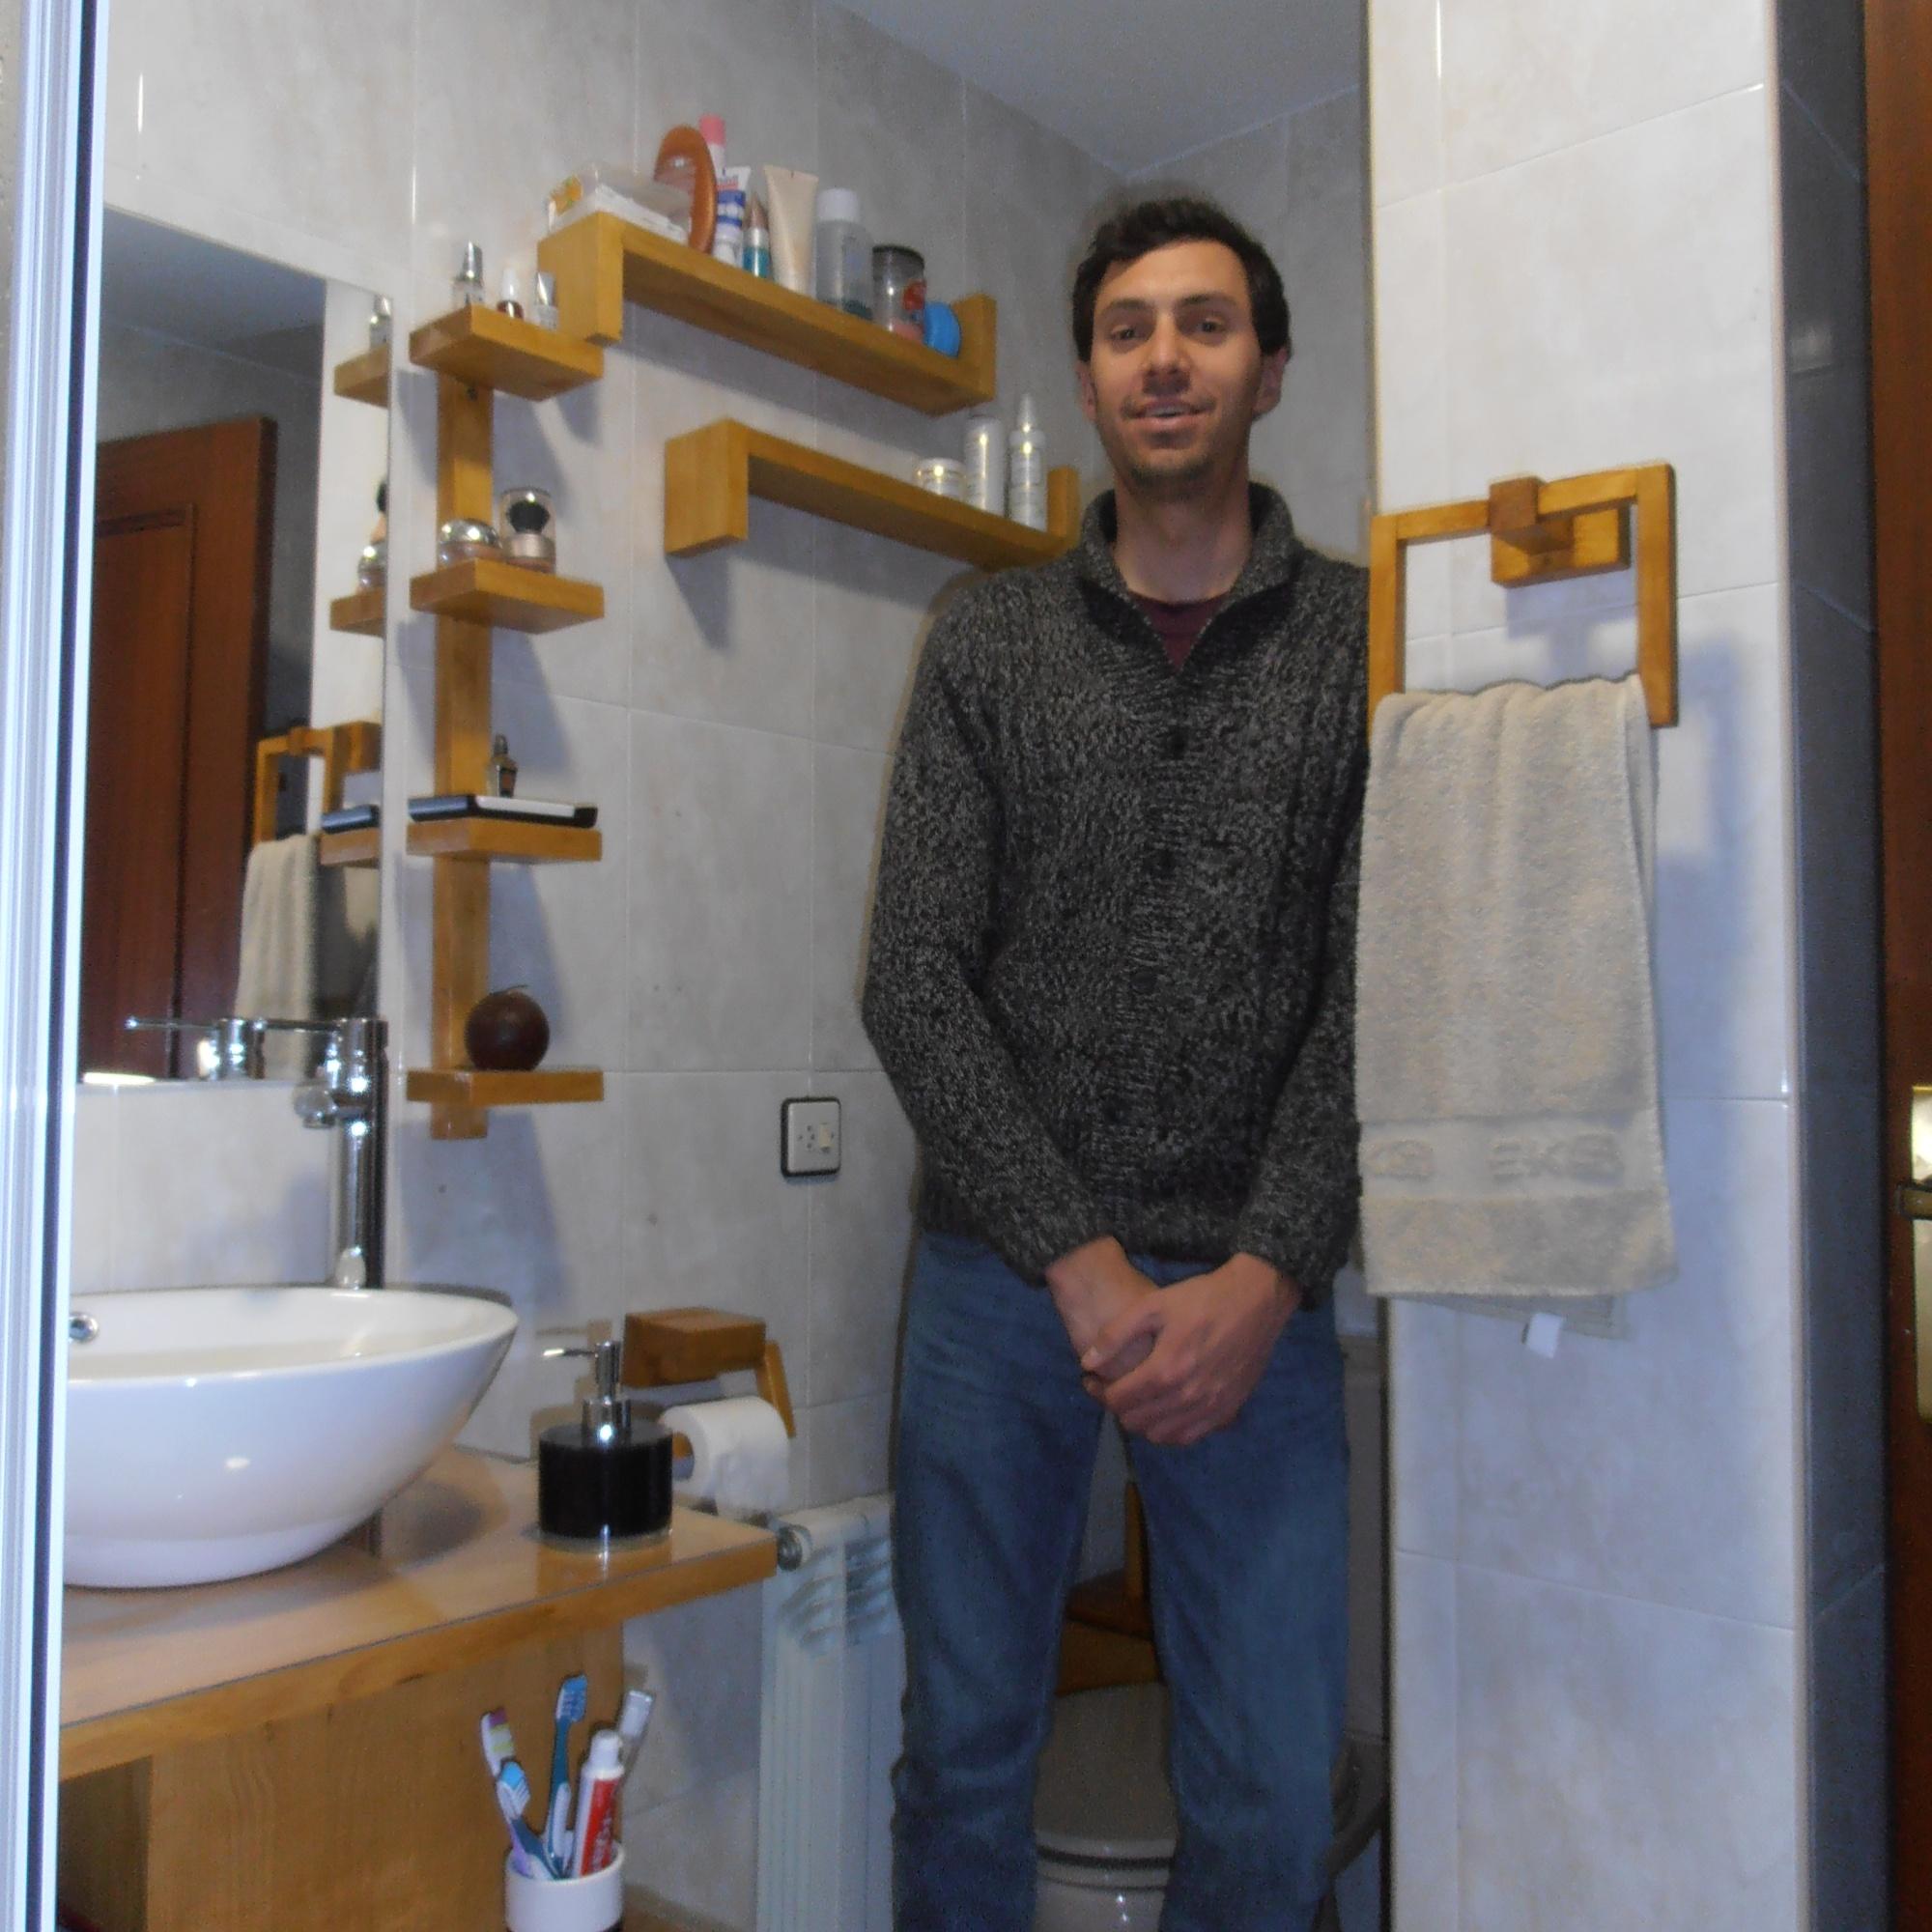 Muebles y accesorios para cuarto de baño